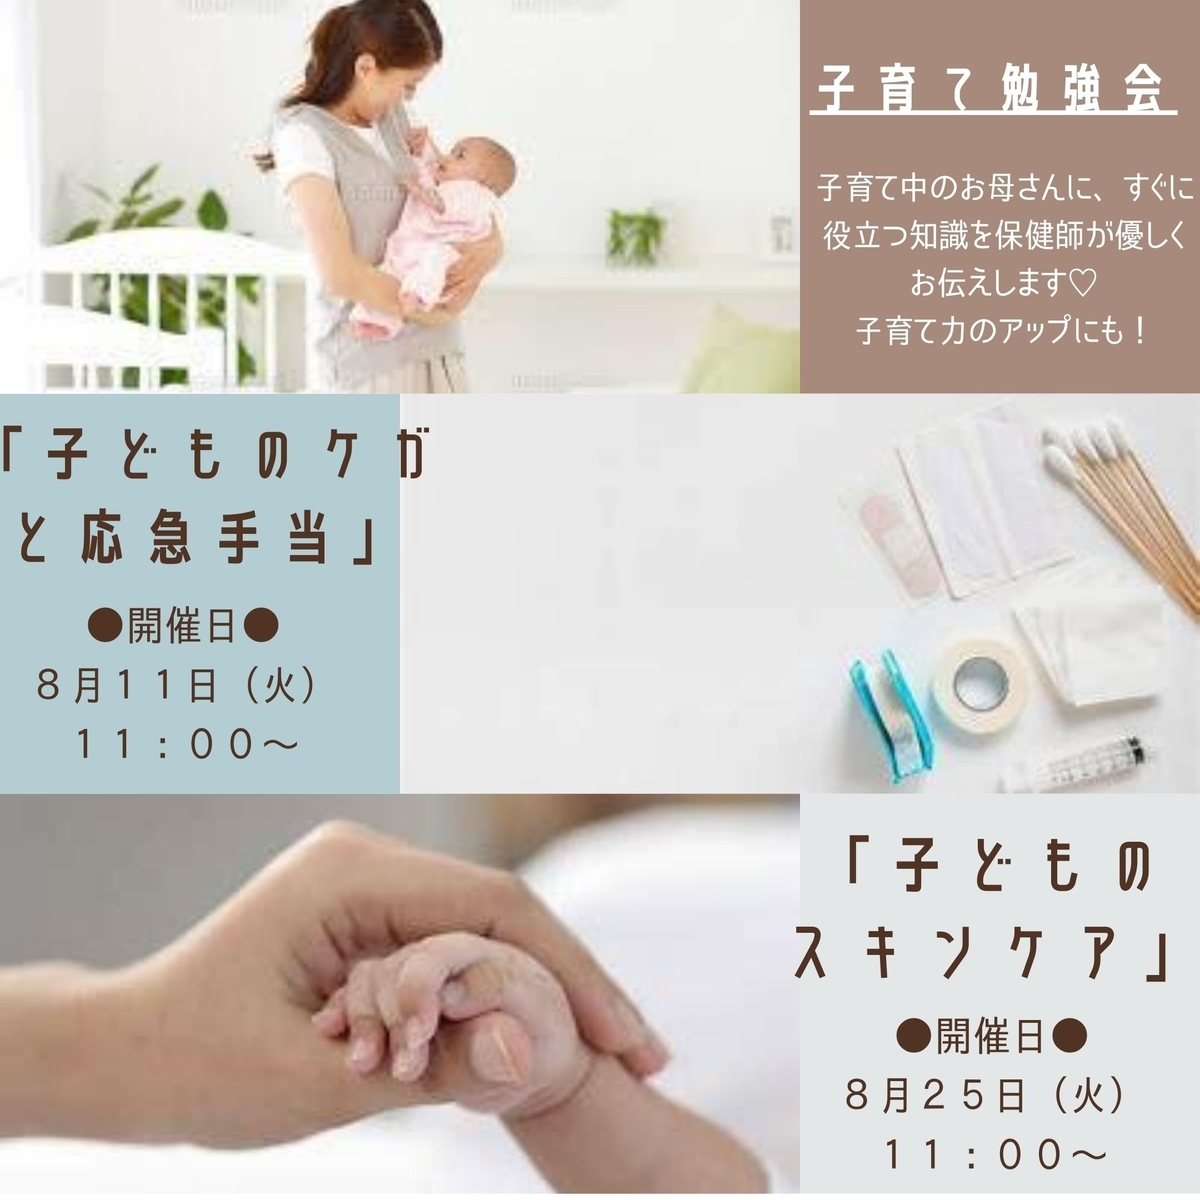 f:id:machinohokensitsu:20200730151400j:plain